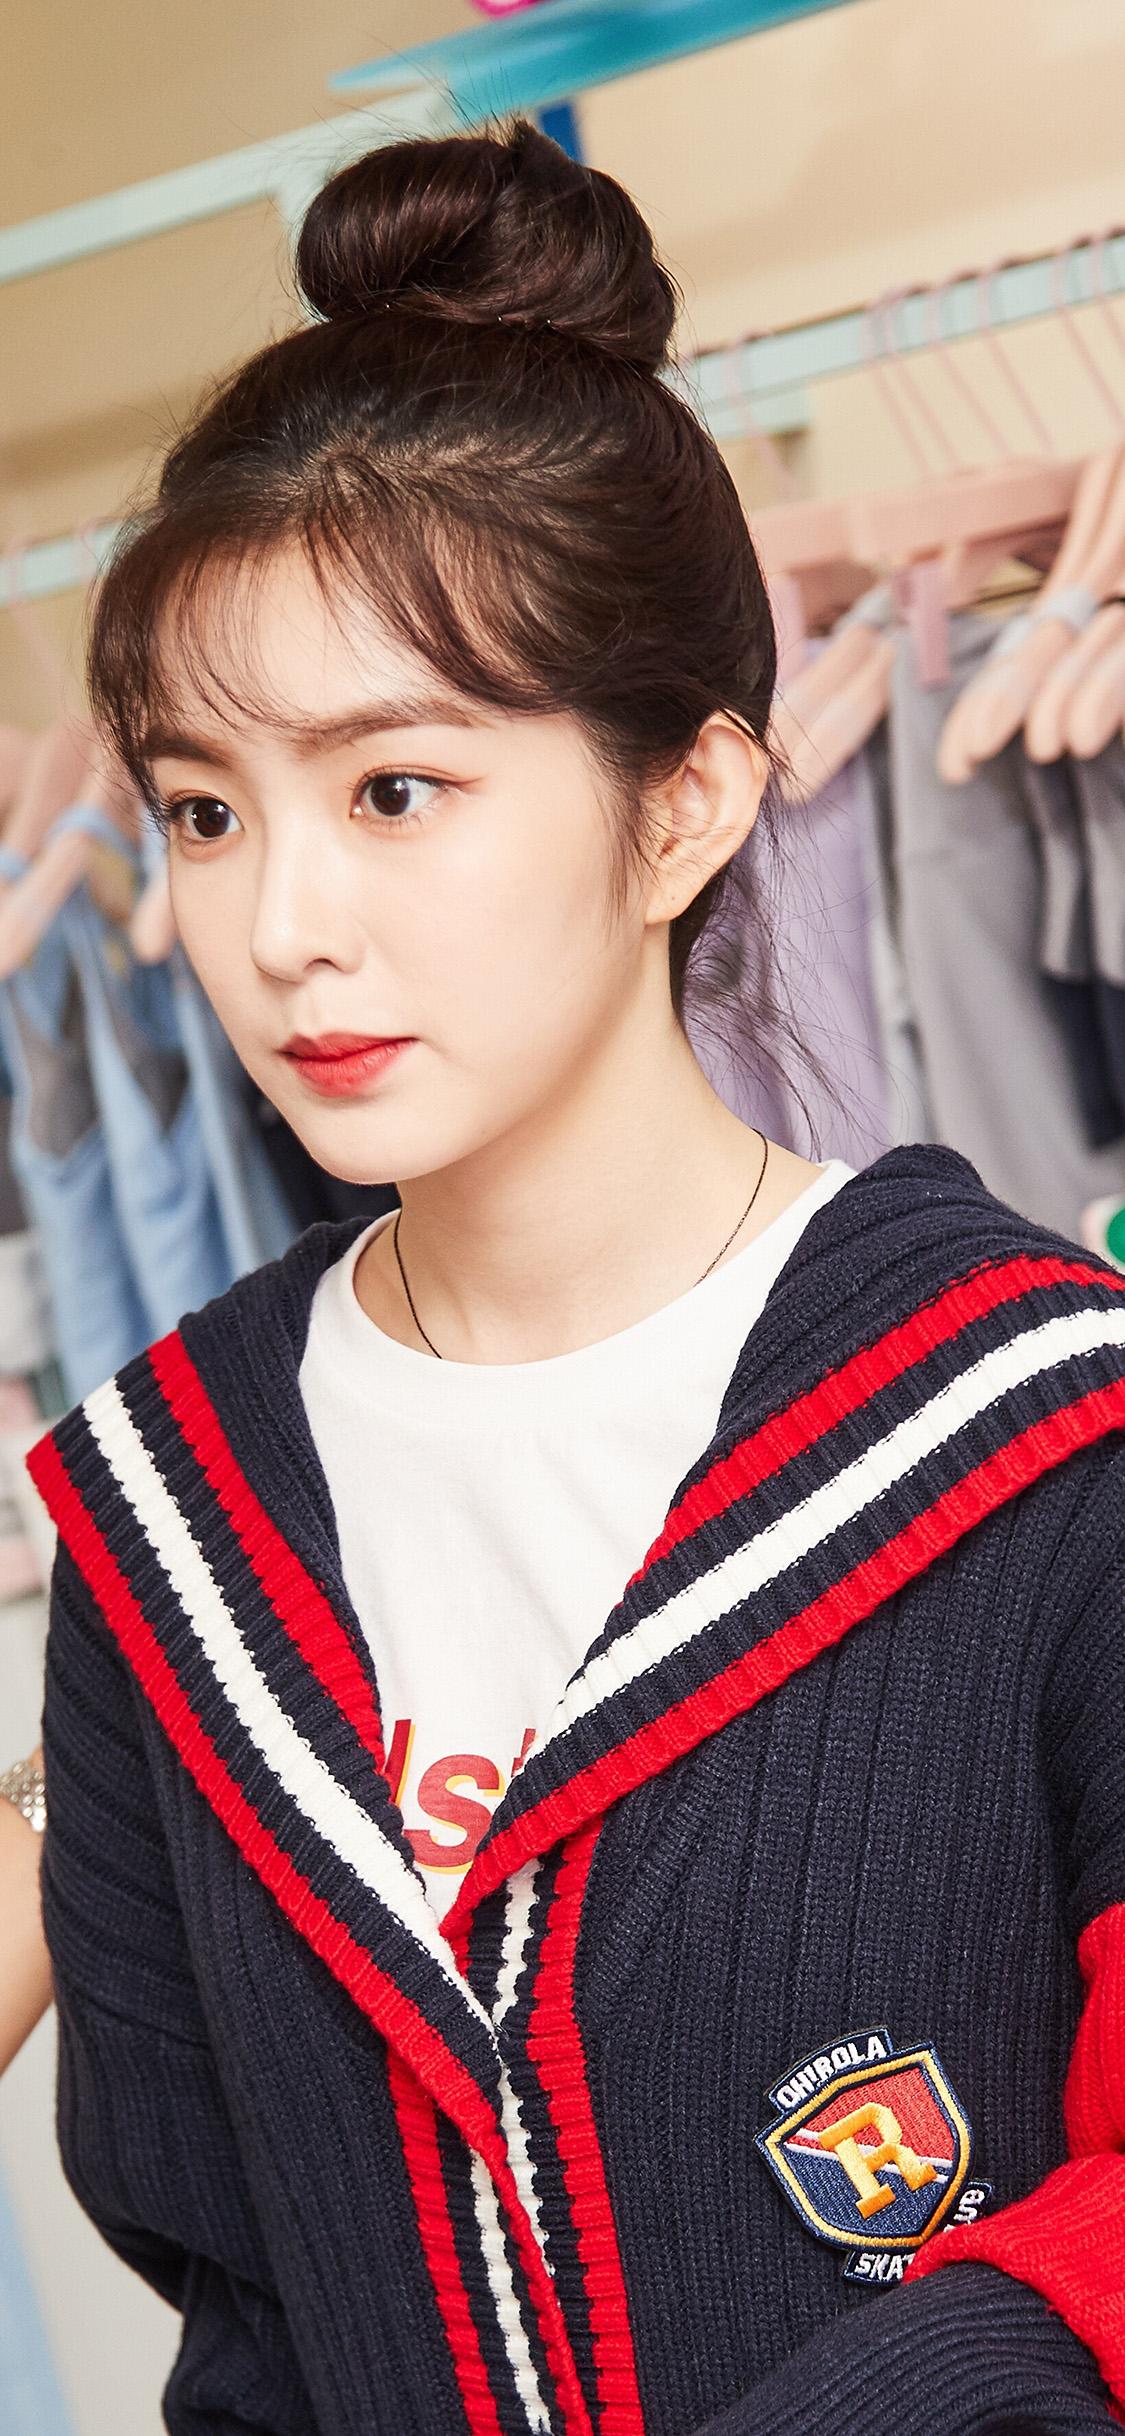 iPhonexpapers.com-Apple-iPhone-wallpaper-ho80-girl-cute-kpop-asian-woman